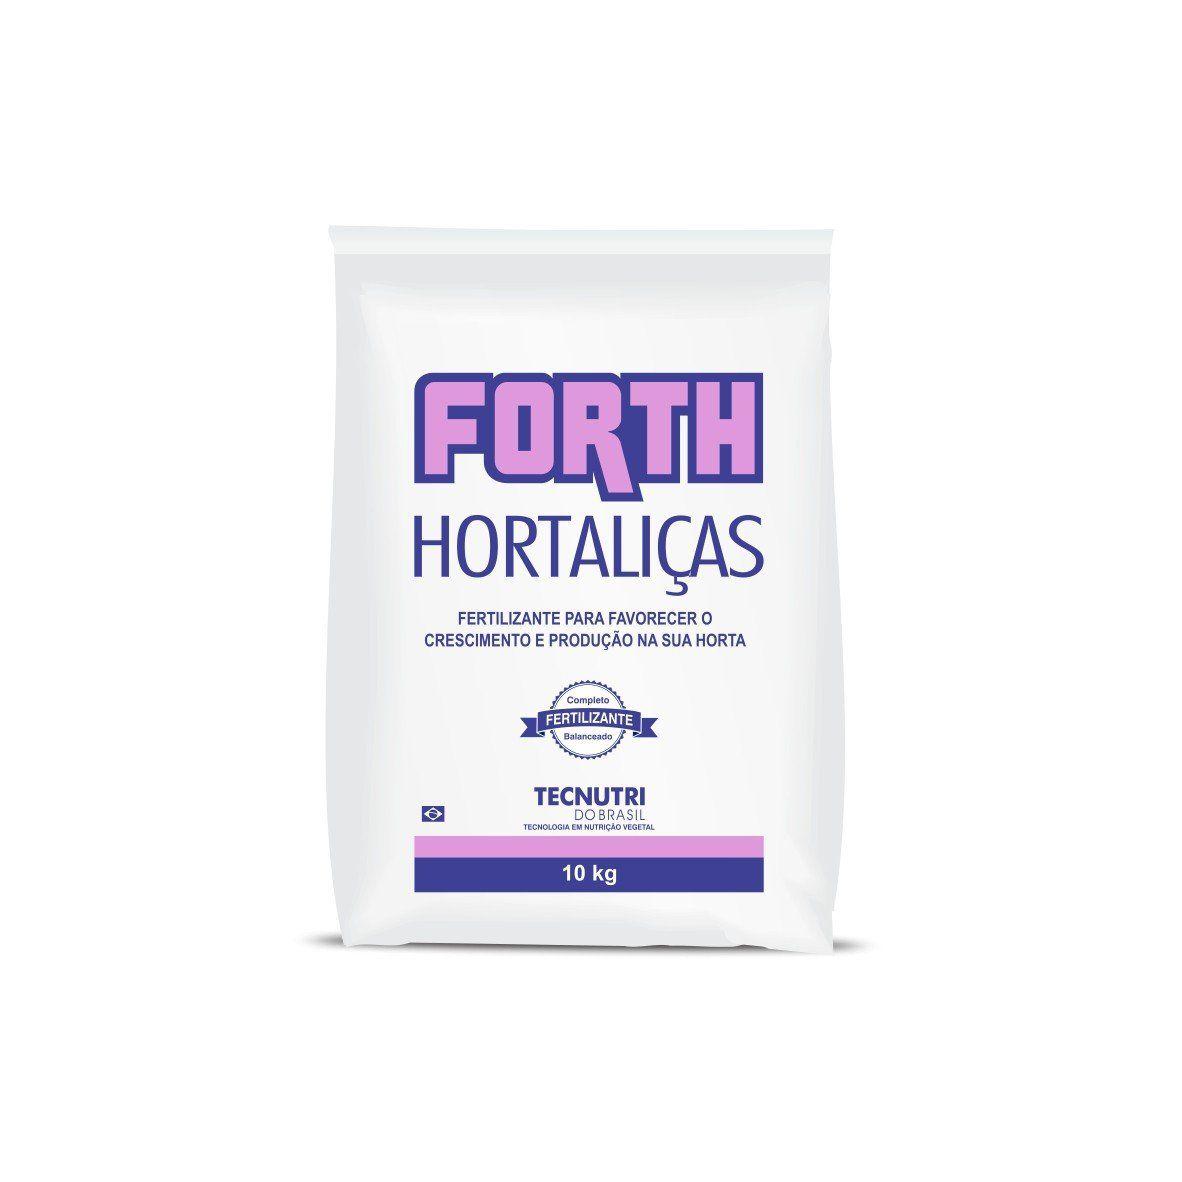 Adubo Fertilizante para Hortaliças - FORTH Hortaliças - 10kg